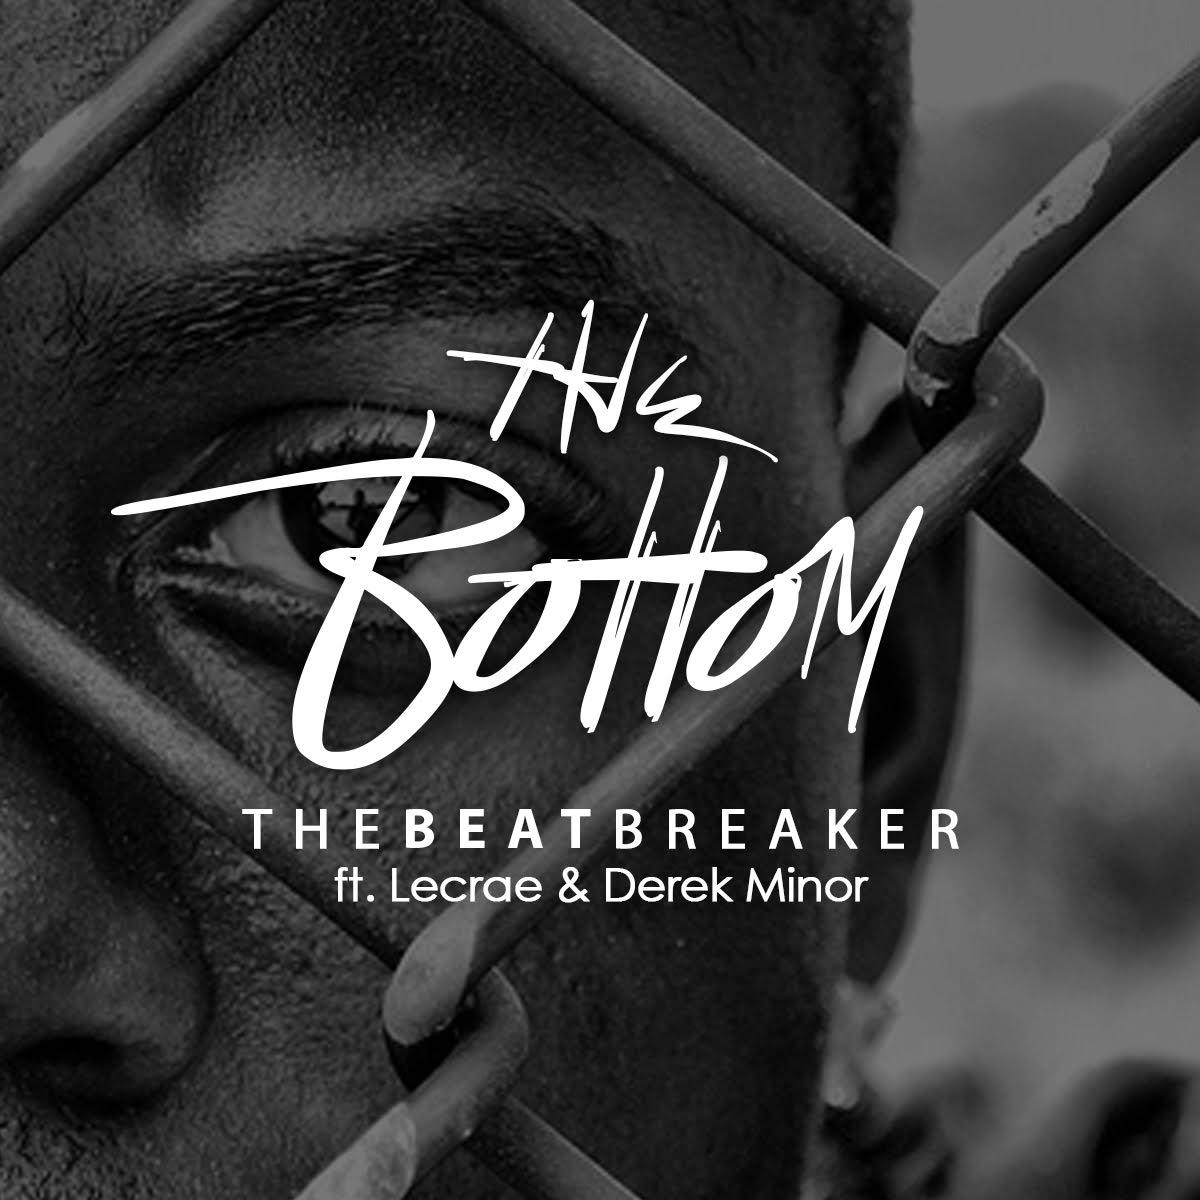 DOWNLOAD Music: theBeatBreaker – the bottom (ft. Lecrae & Derek Minor)